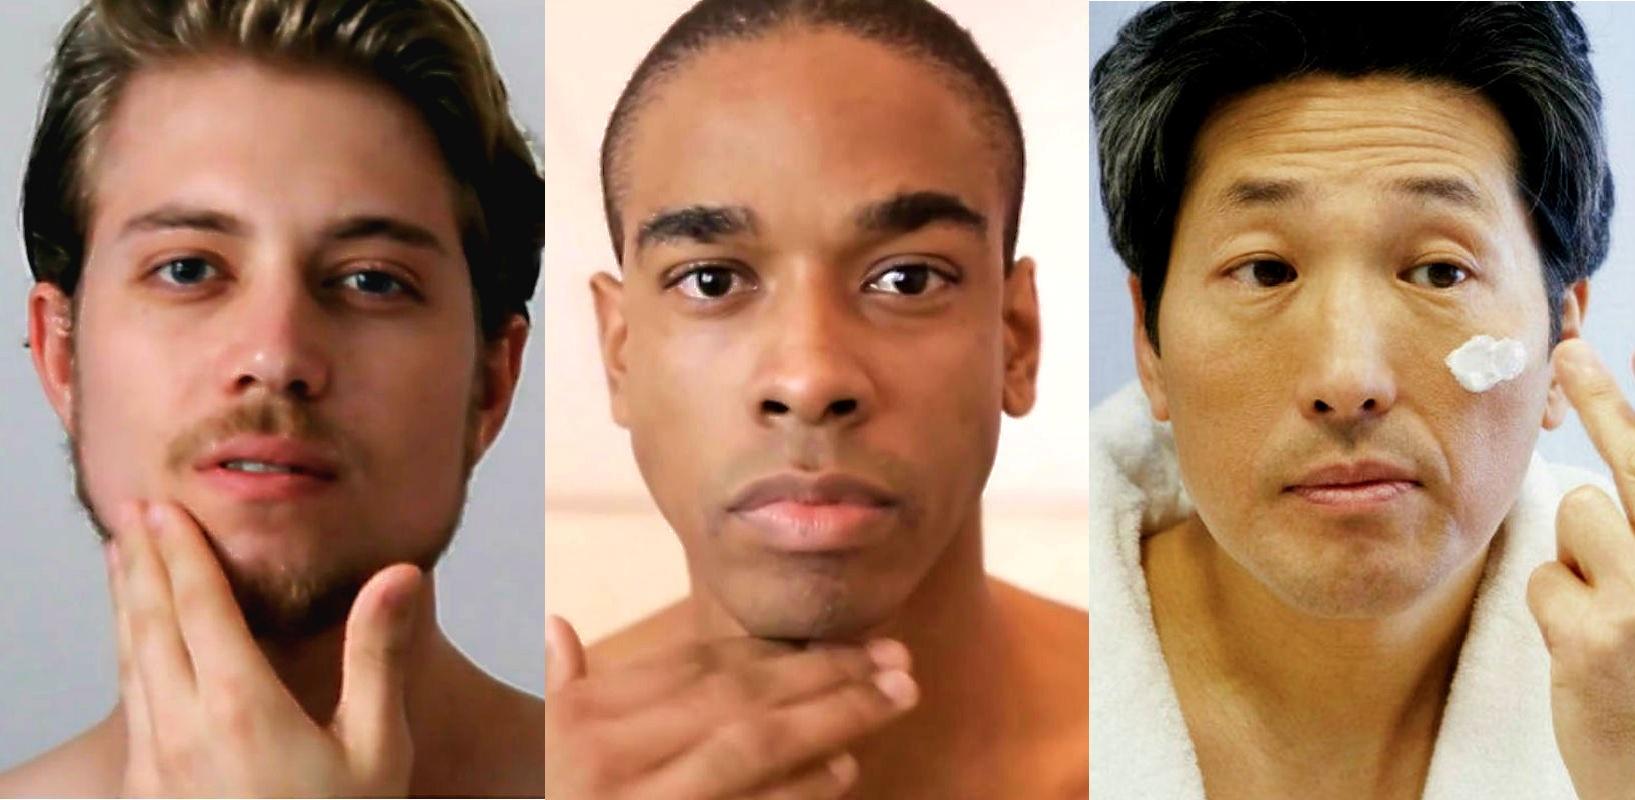 Homem No Espelho - Cuidados com a pele masculina - branca - negra - oriental